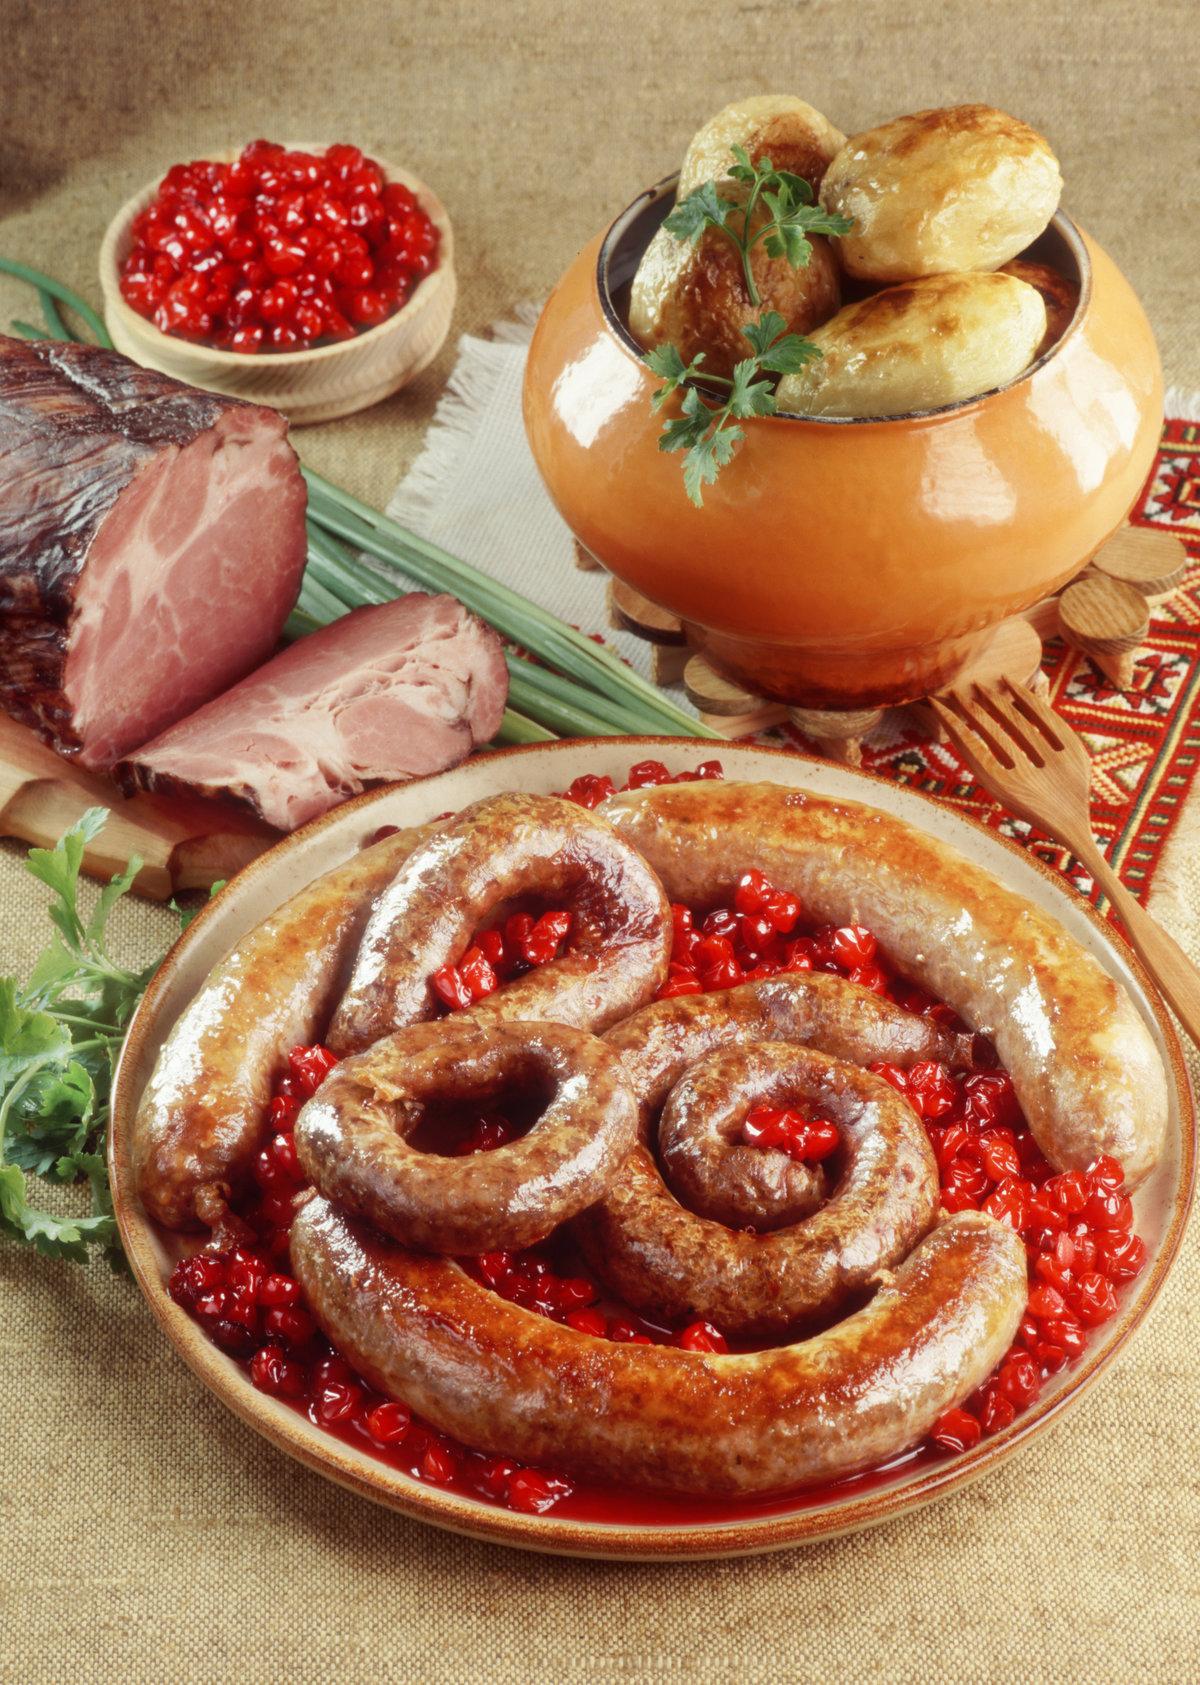 картинки русских национальных блюд сделаны